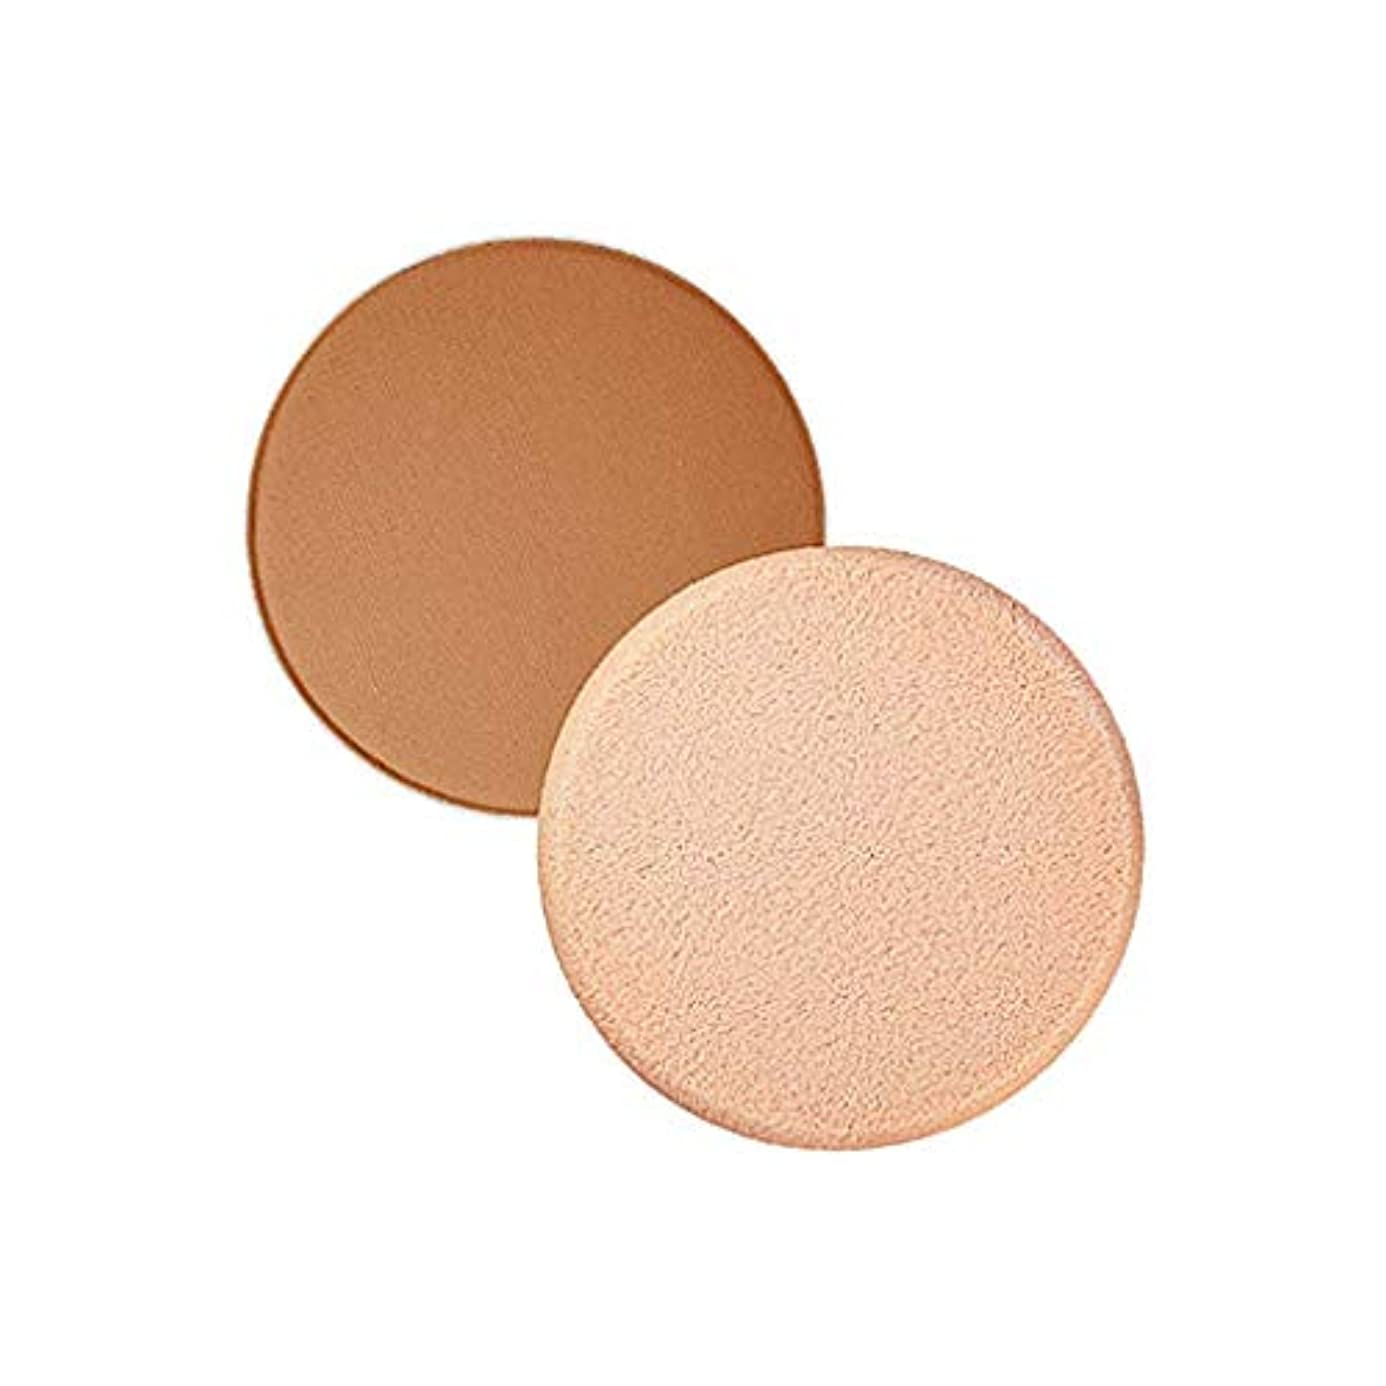 輝度抑圧者サリー資生堂 UV Protective Compact Foundation SPF 36 Refill - # SP40 Medium Ochre 12g/0.42oz並行輸入品